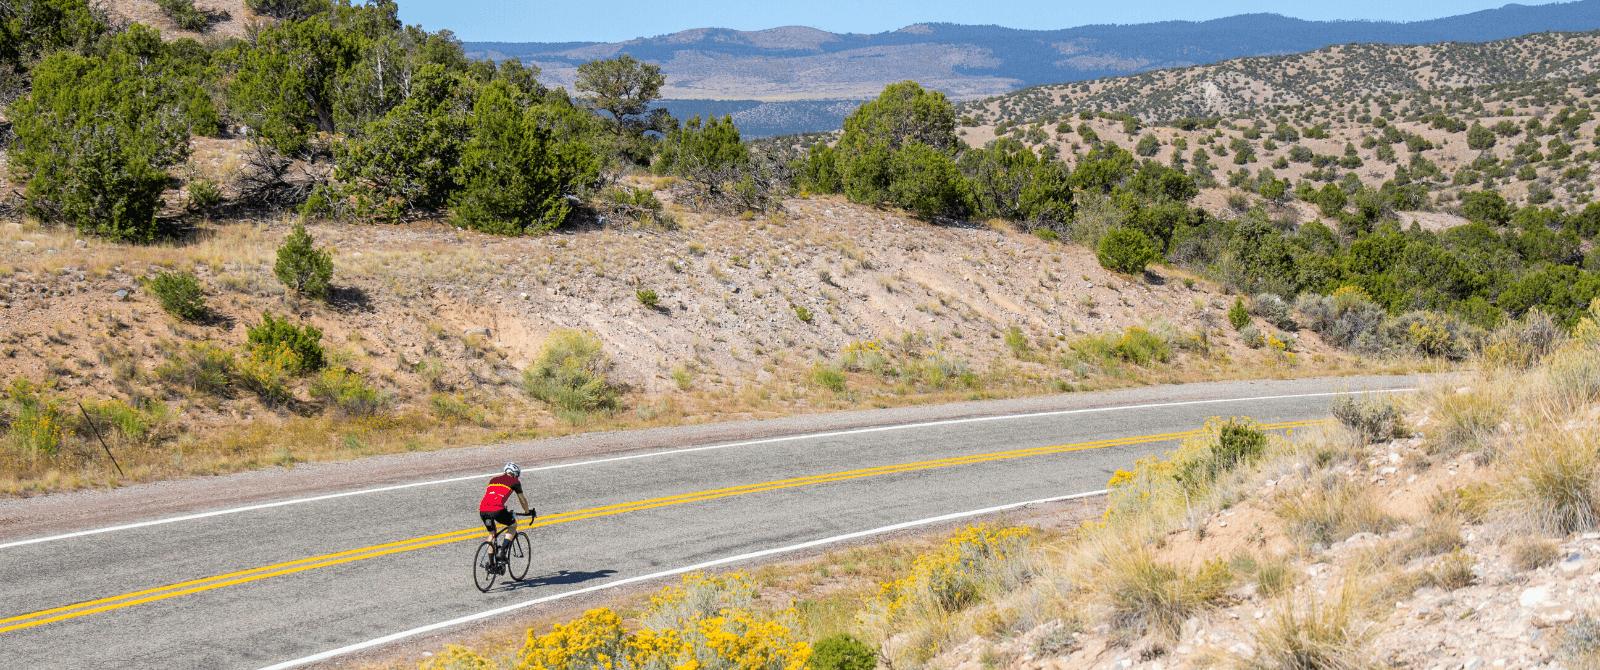 New Mexico Bike Tour